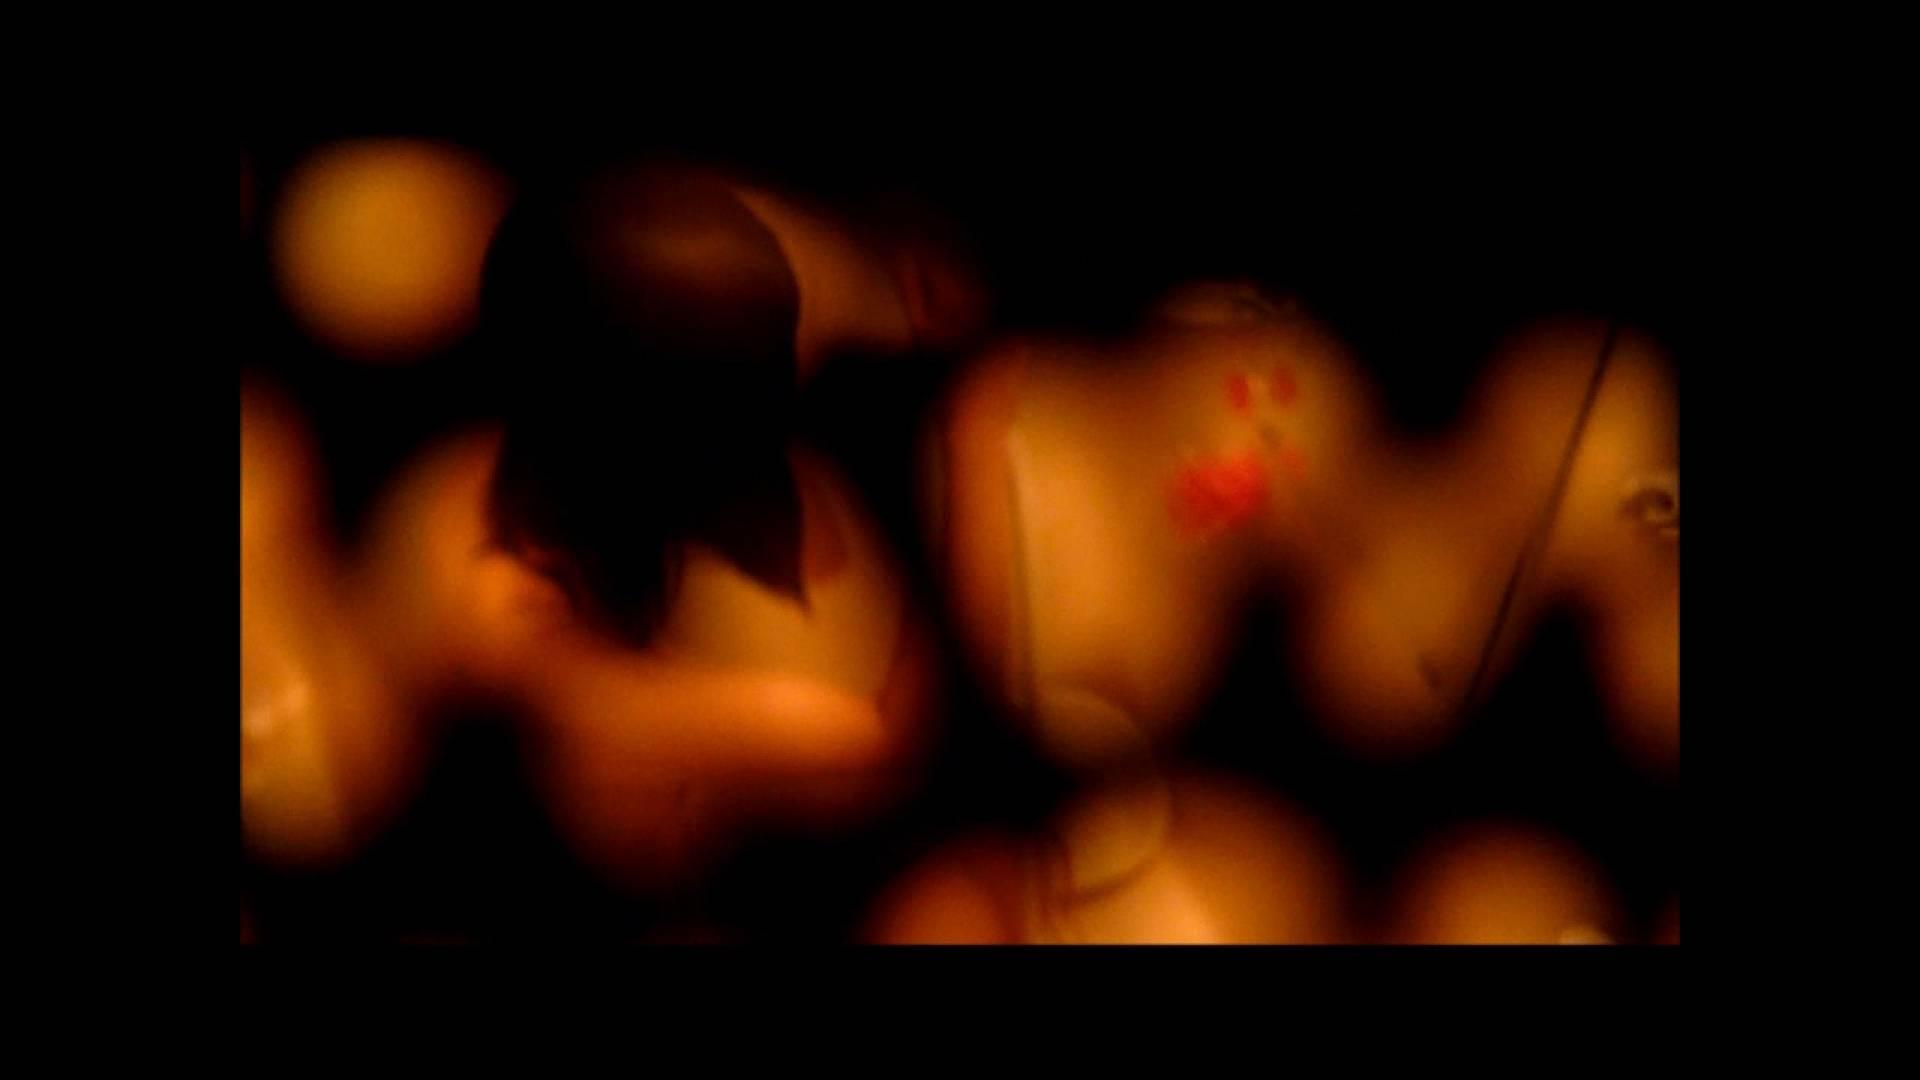 【02】ベランダに侵入して張り込みを始めて・・・やっと結果が出ました。 家宅侵入 | 0  82画像 80